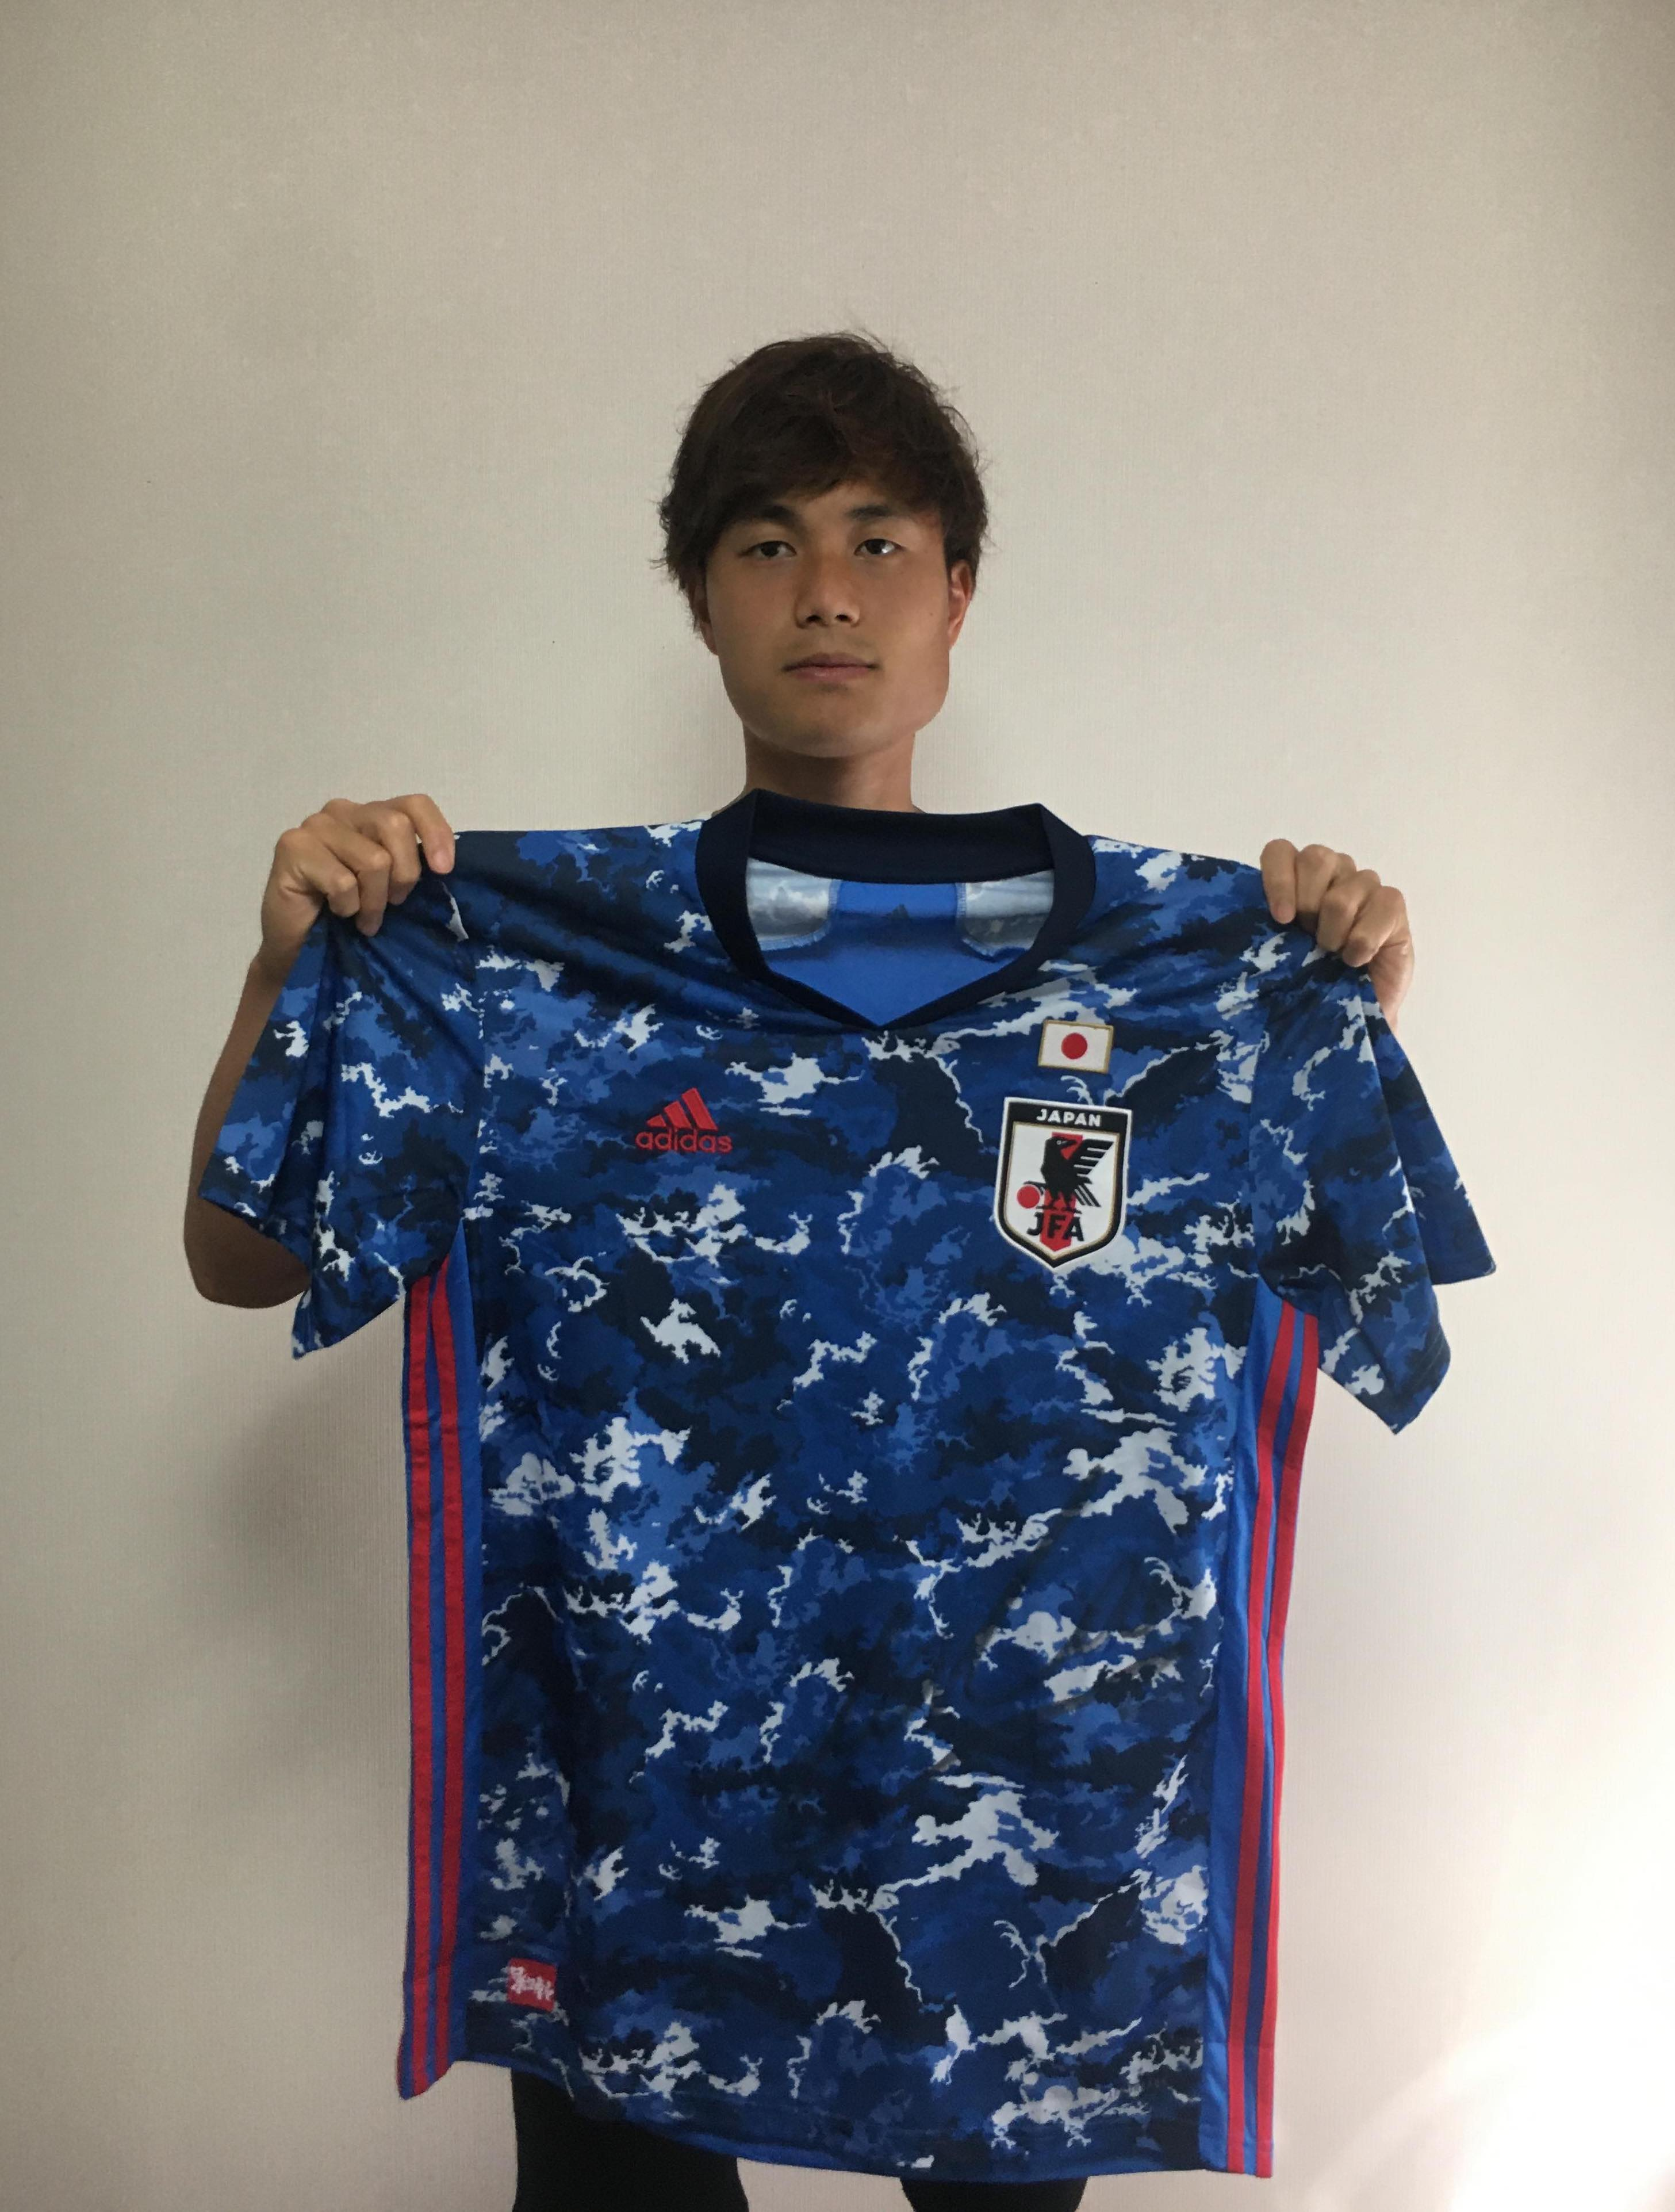 【直筆サイン入り公式】U-23日本代表 浦田 樹 選手